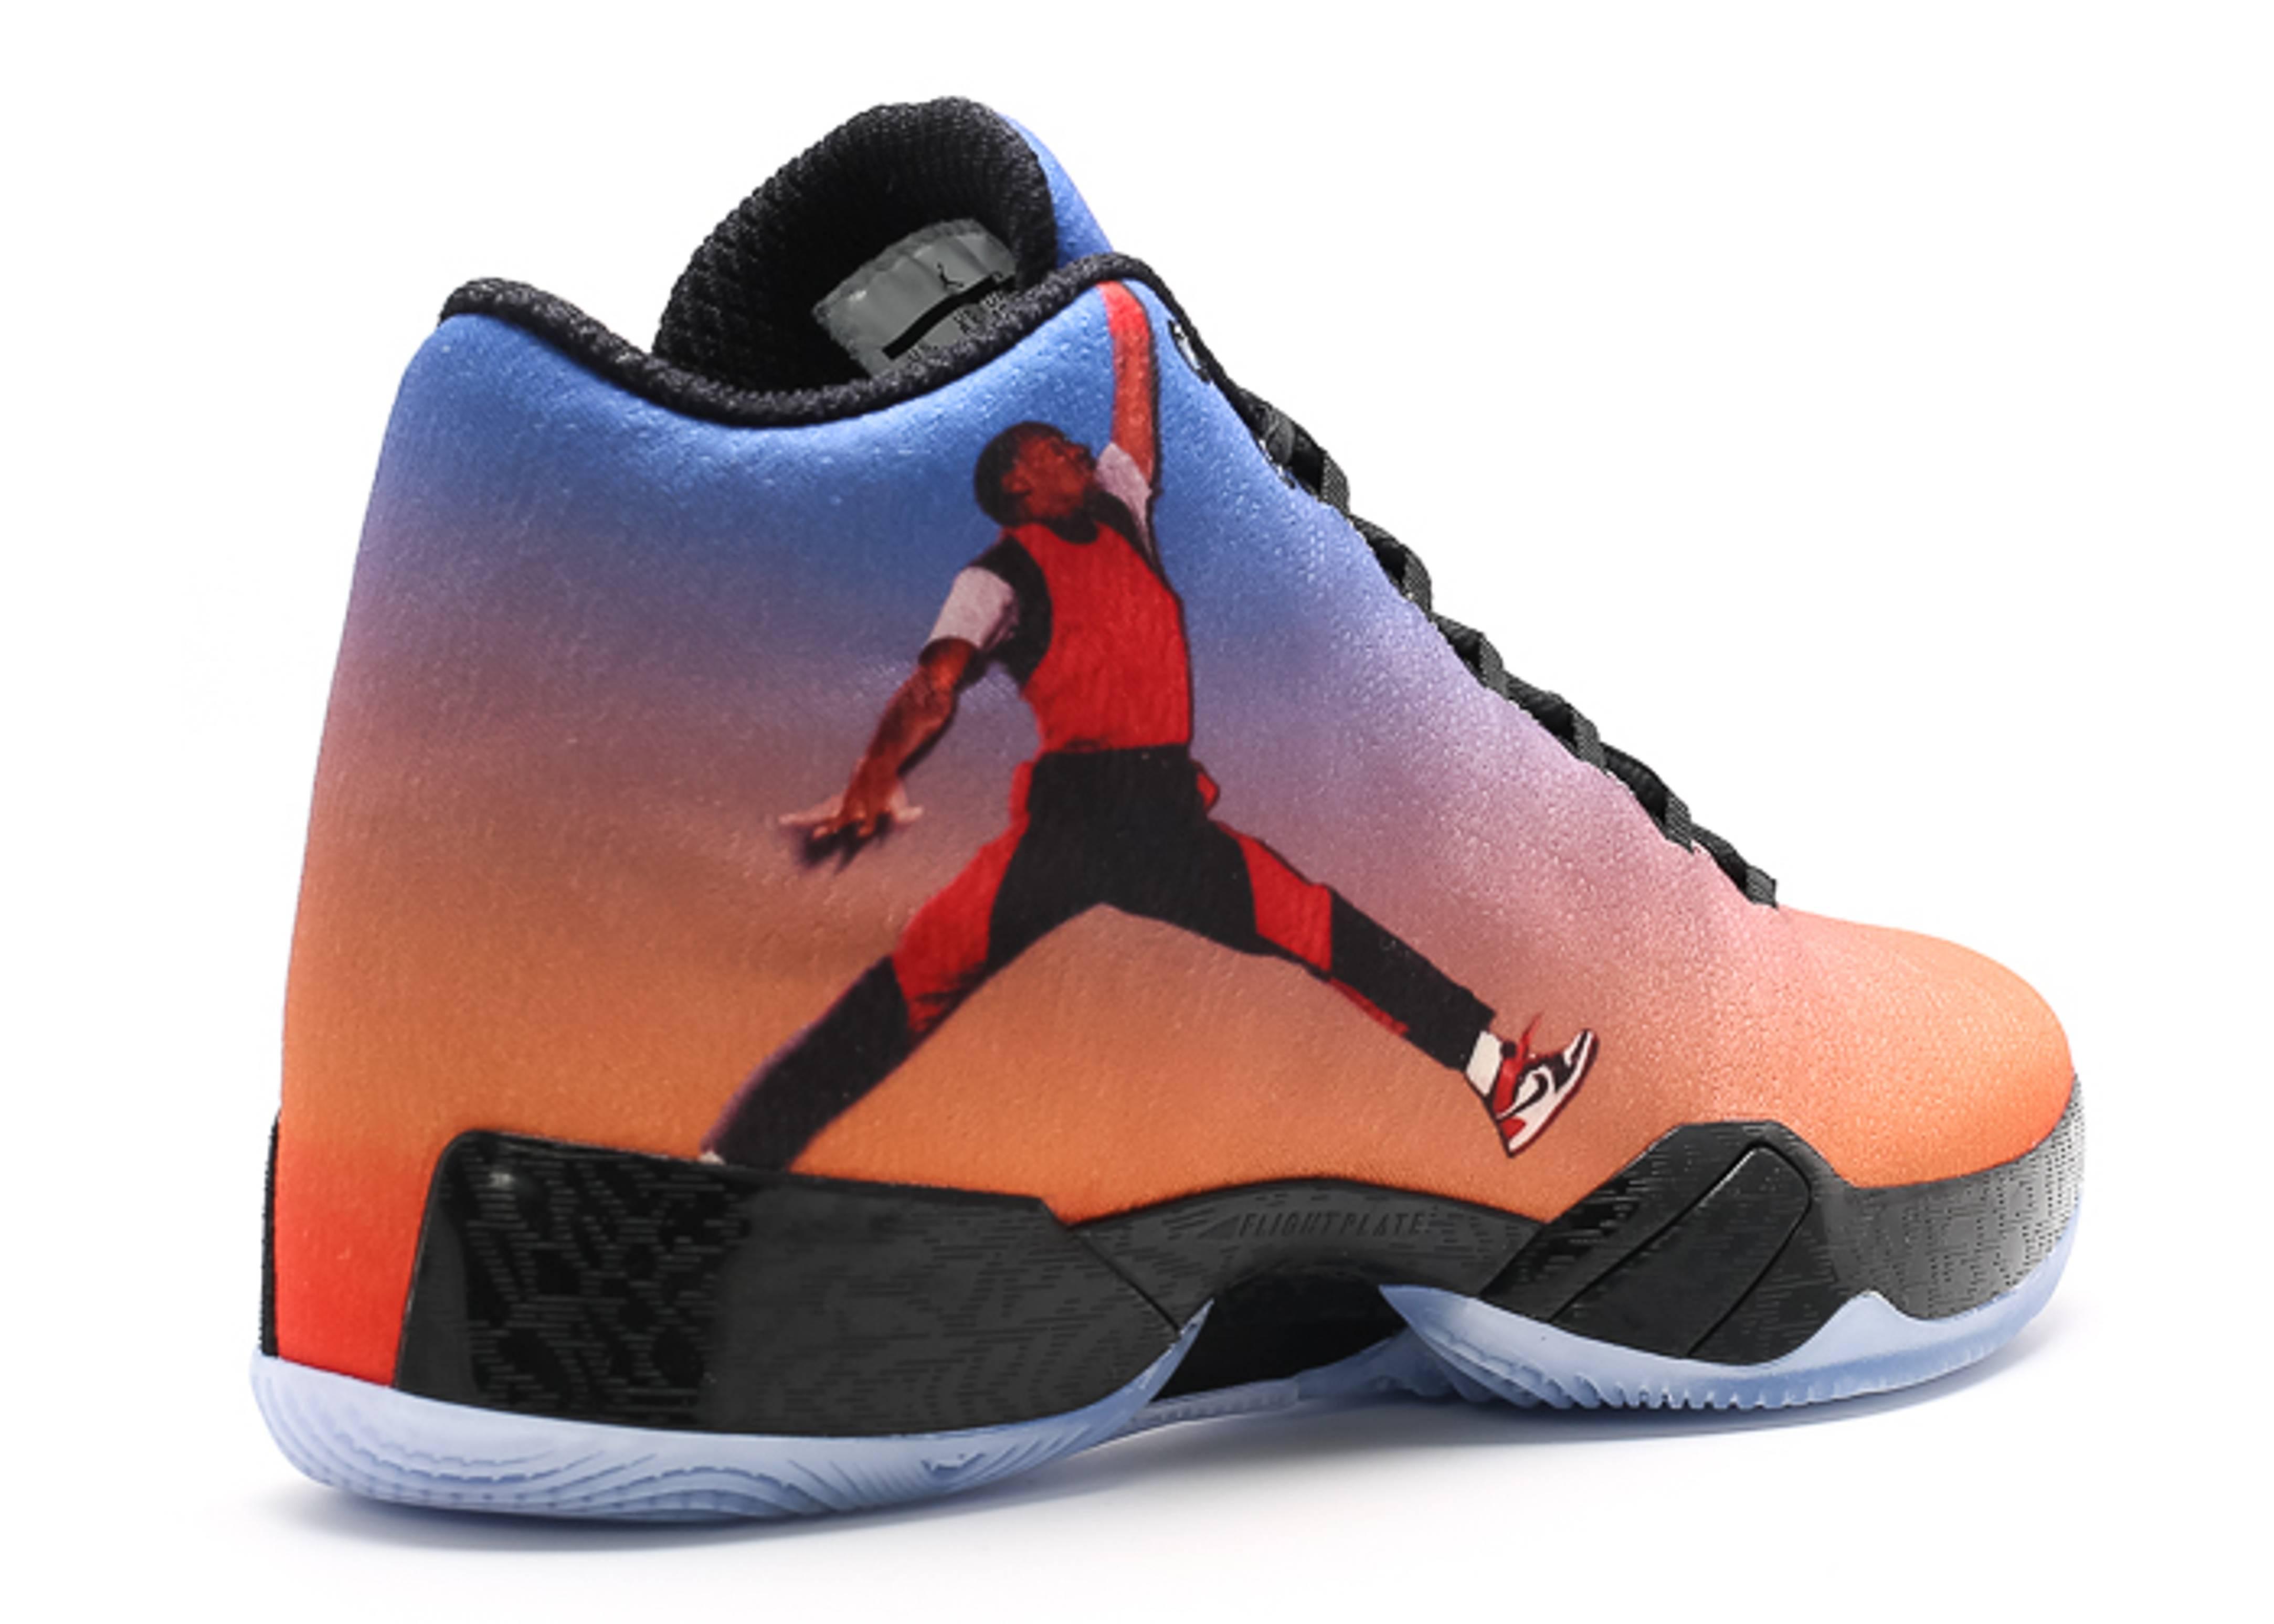 d7bb871970bad7 Air Jordan 29